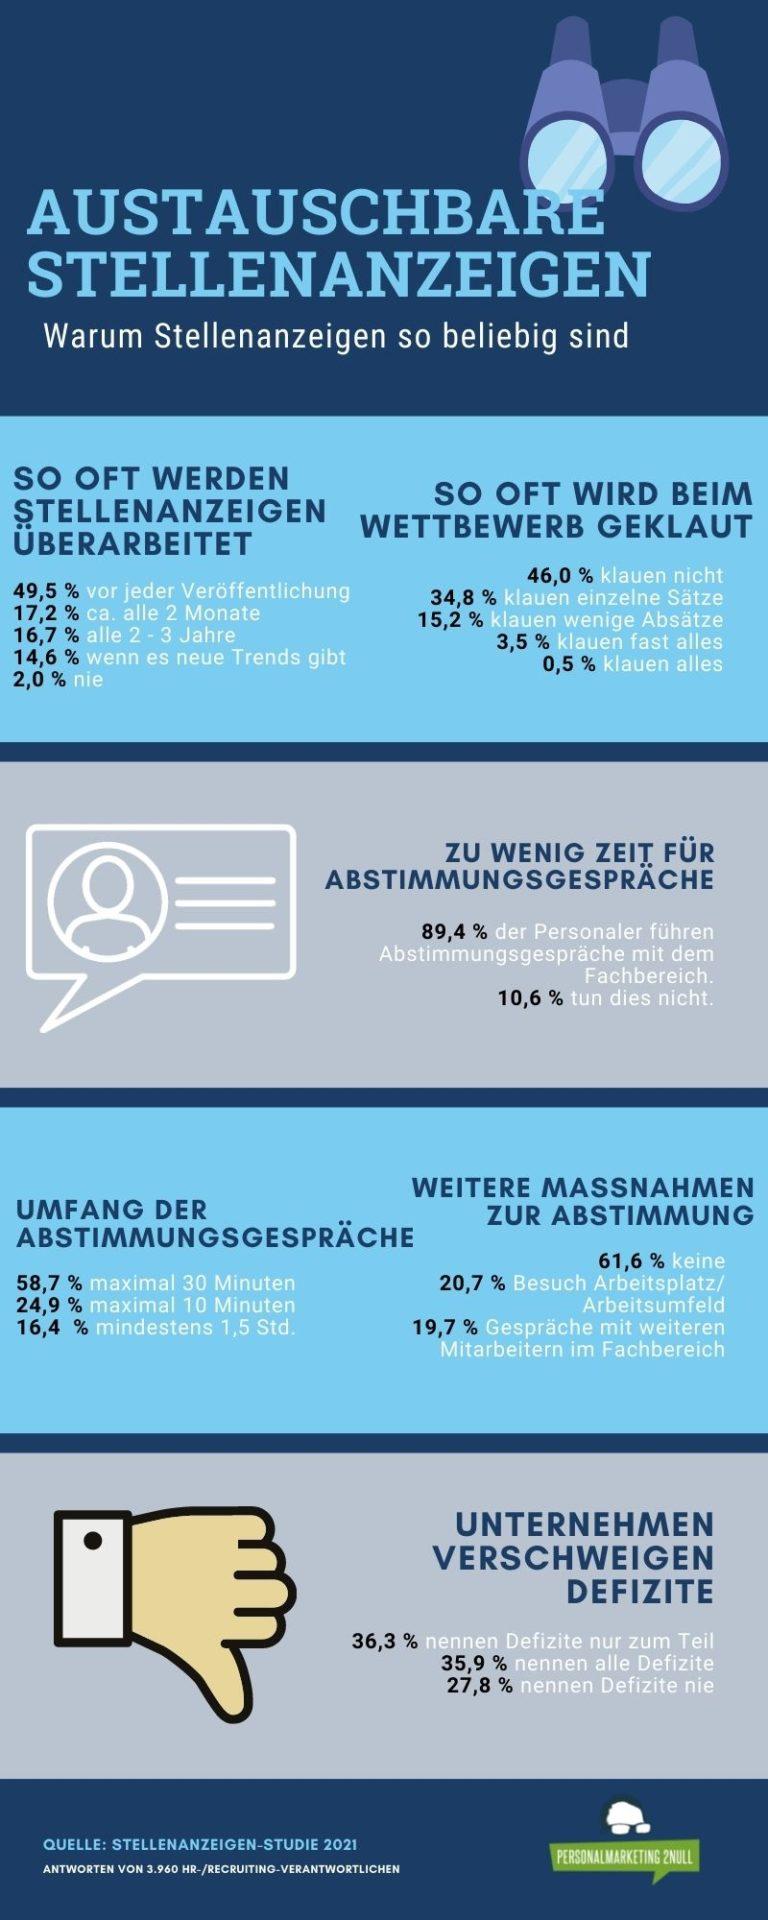 Darum sind Stellenanzeigen so austauschbar - Infografik